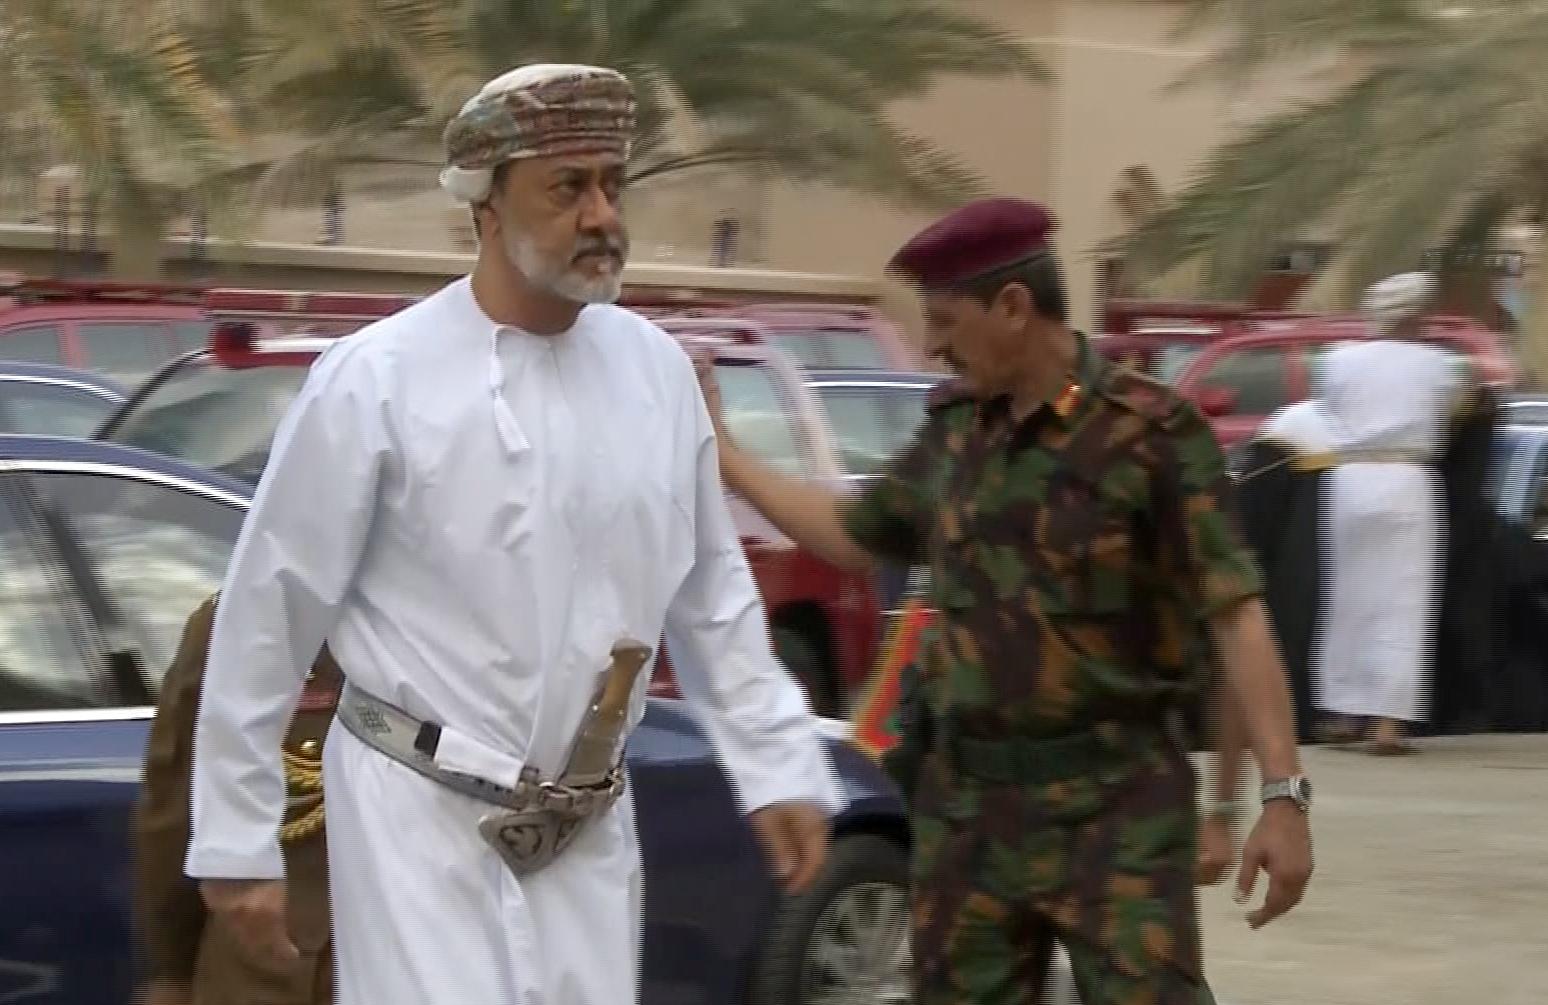 توجيه عسكري عاجل من السلطان هيثم بن طارق إلى الجيش العماني